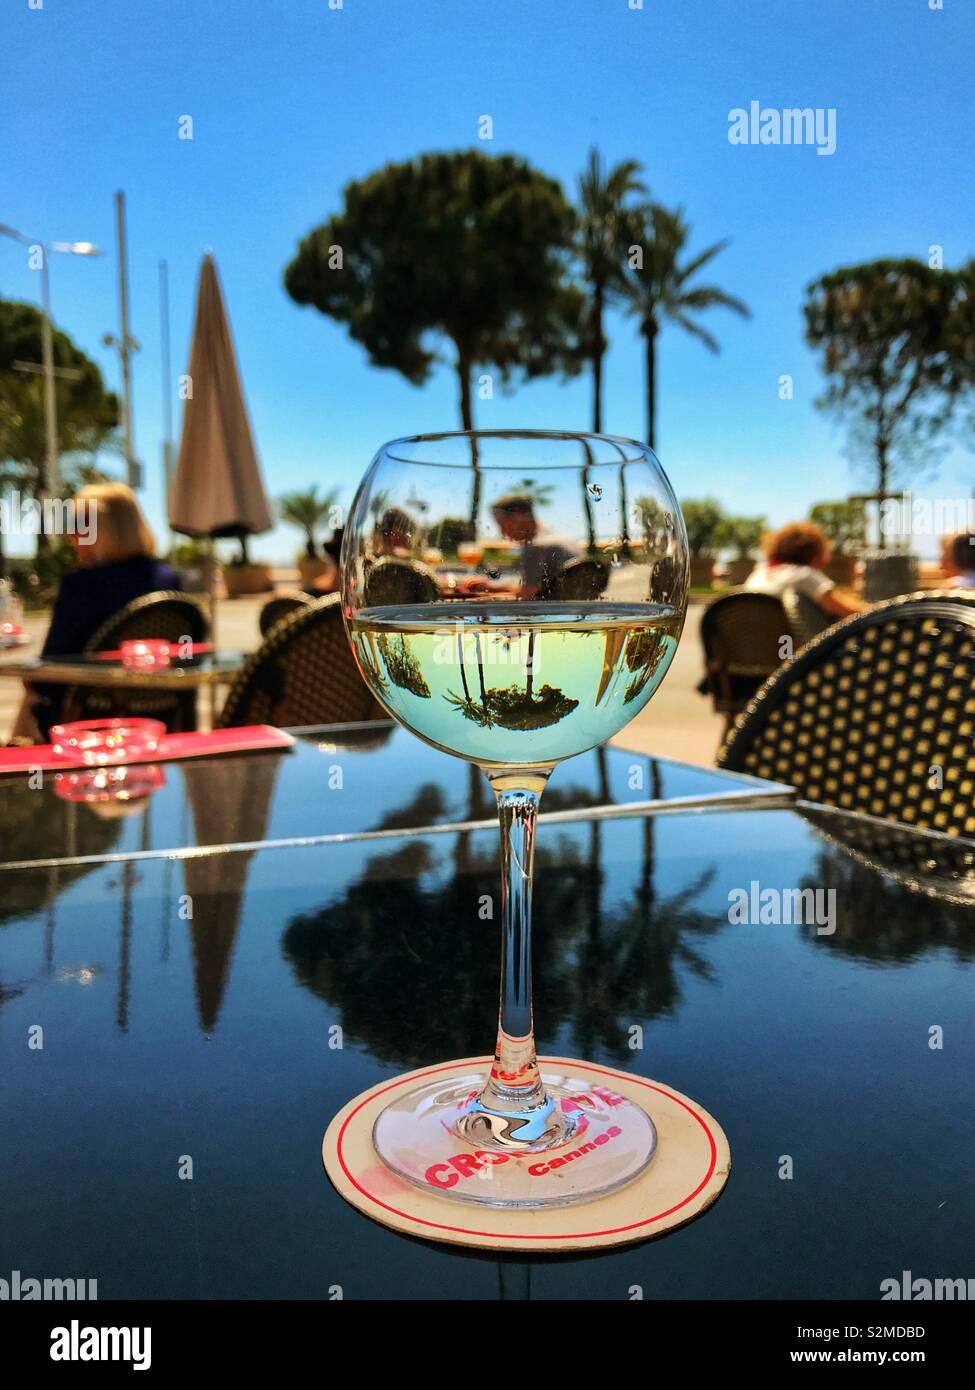 Verre de vin blanc sur une table dans un restaurant en bord de mer à Cannes, France Photo Stock